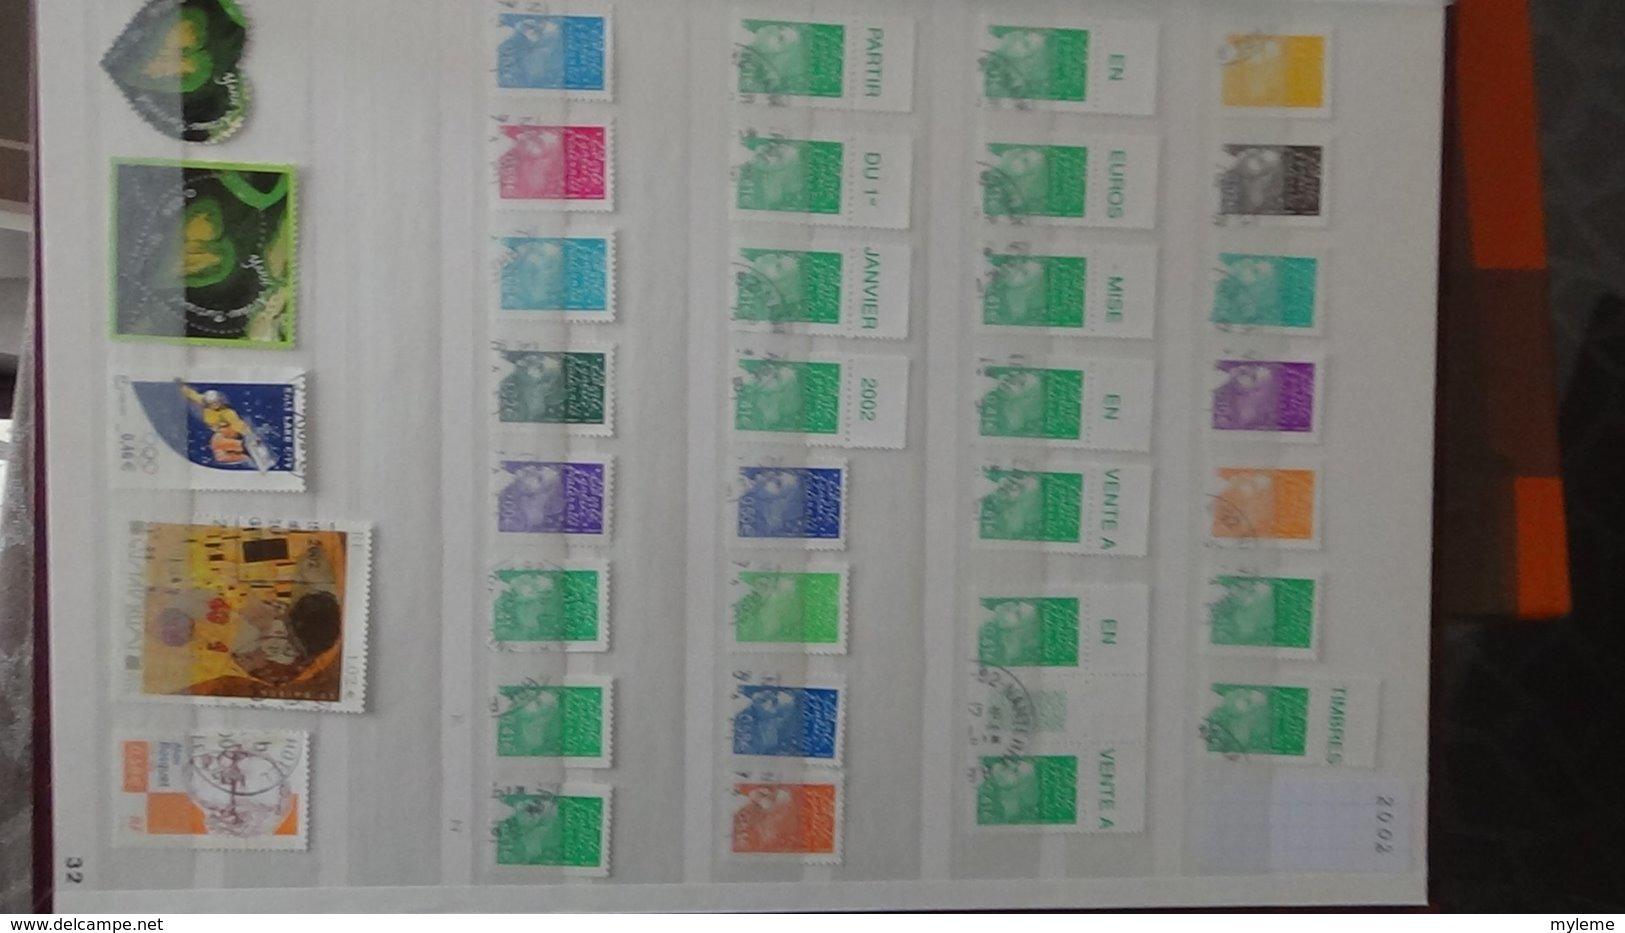 France Oblitéré De 1993 à 2002 Avec Toutes Les Bonnes Petites Valeurs (2824,2873a, 3009a ...). Très Sympa !!! - Stamps